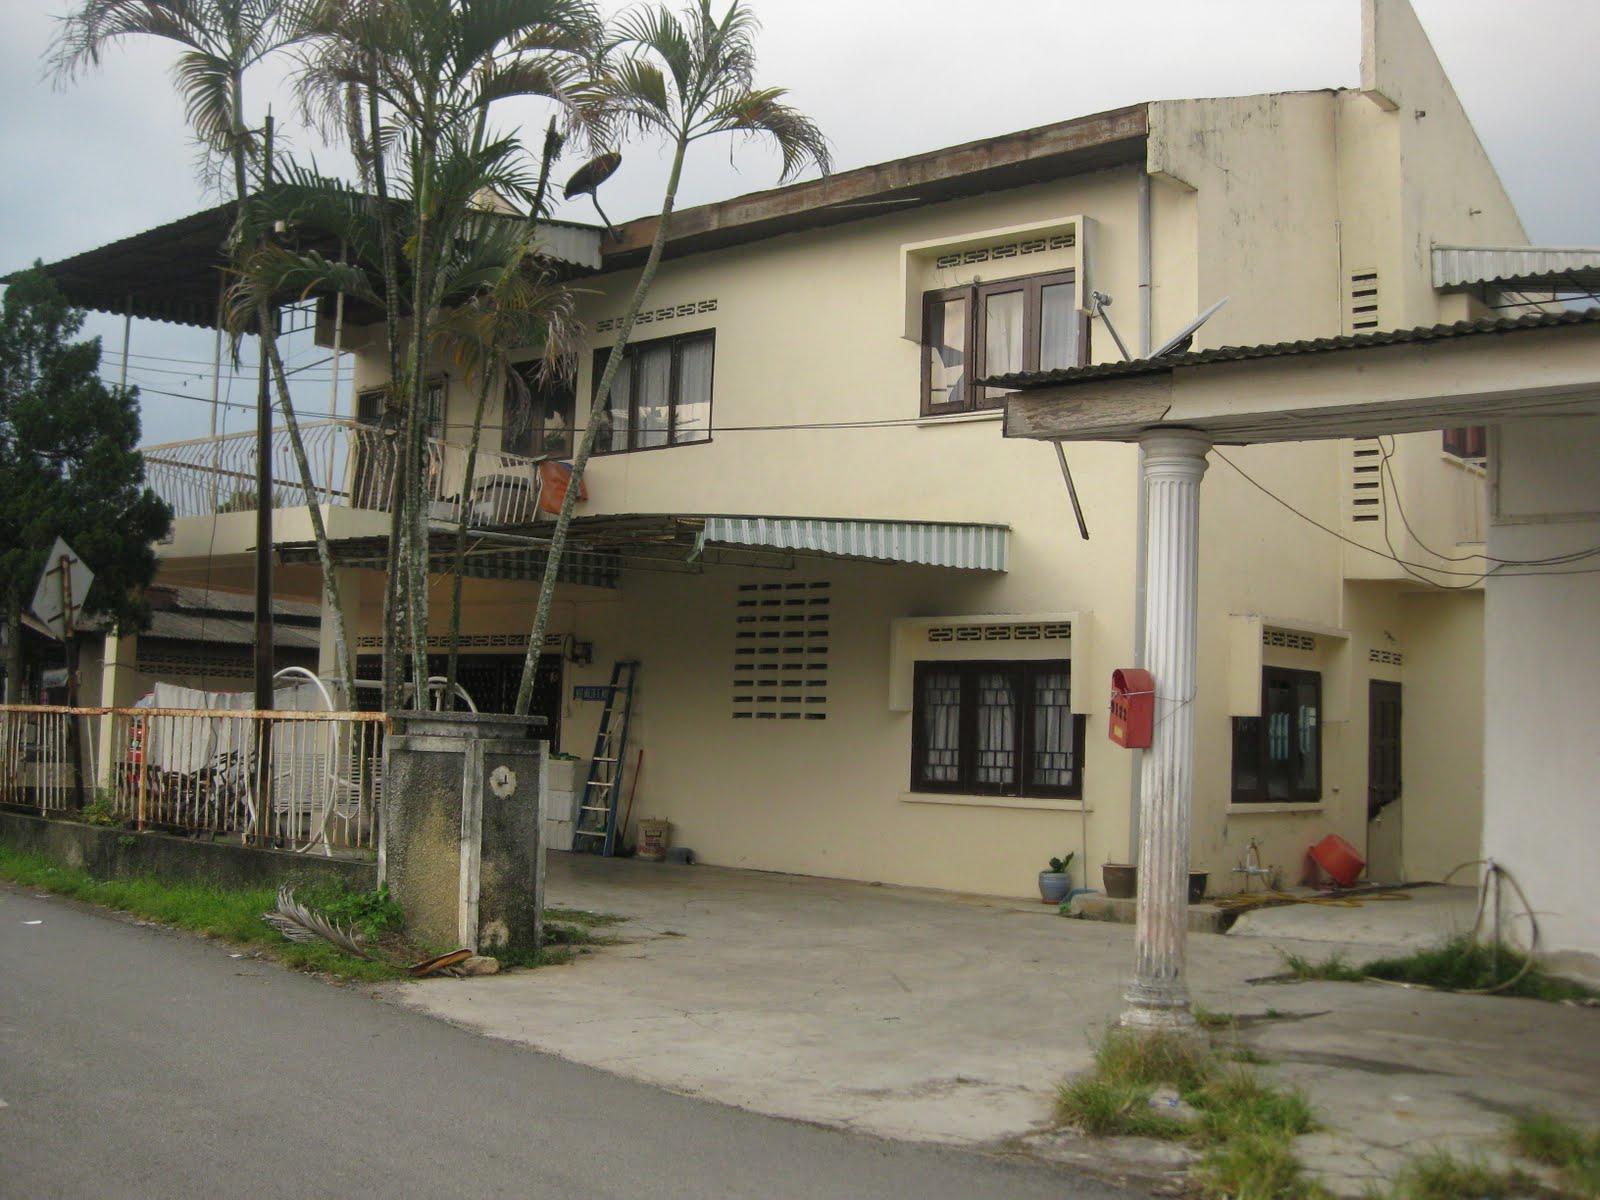 Download image Gambar Rekabentuk Rumah Ajilbab Com Portal PC, Android ...